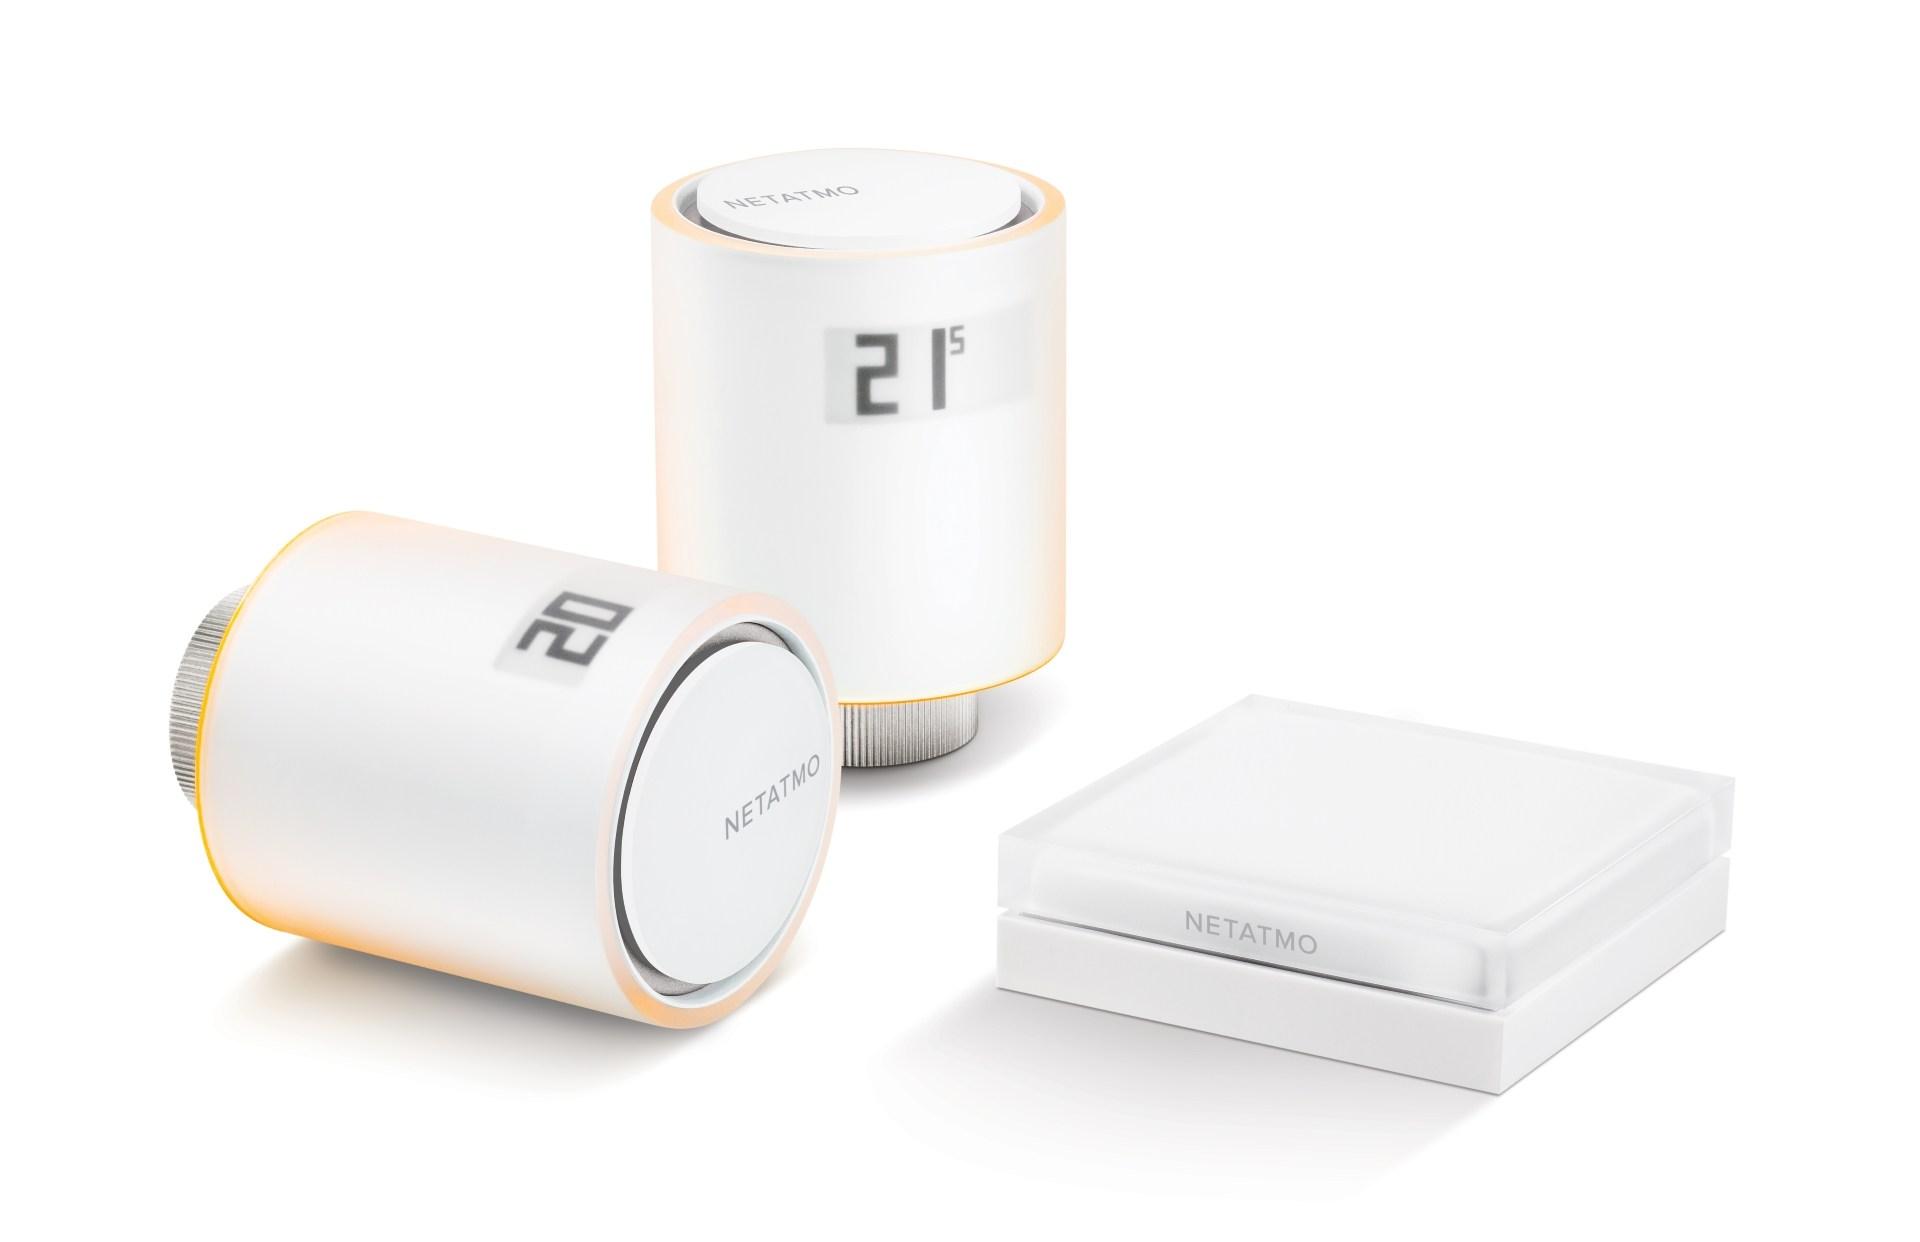 netatmo valvole termostatiche  Le valvole termostatiche intelligenti di Philippe Starck per Netatmo ...